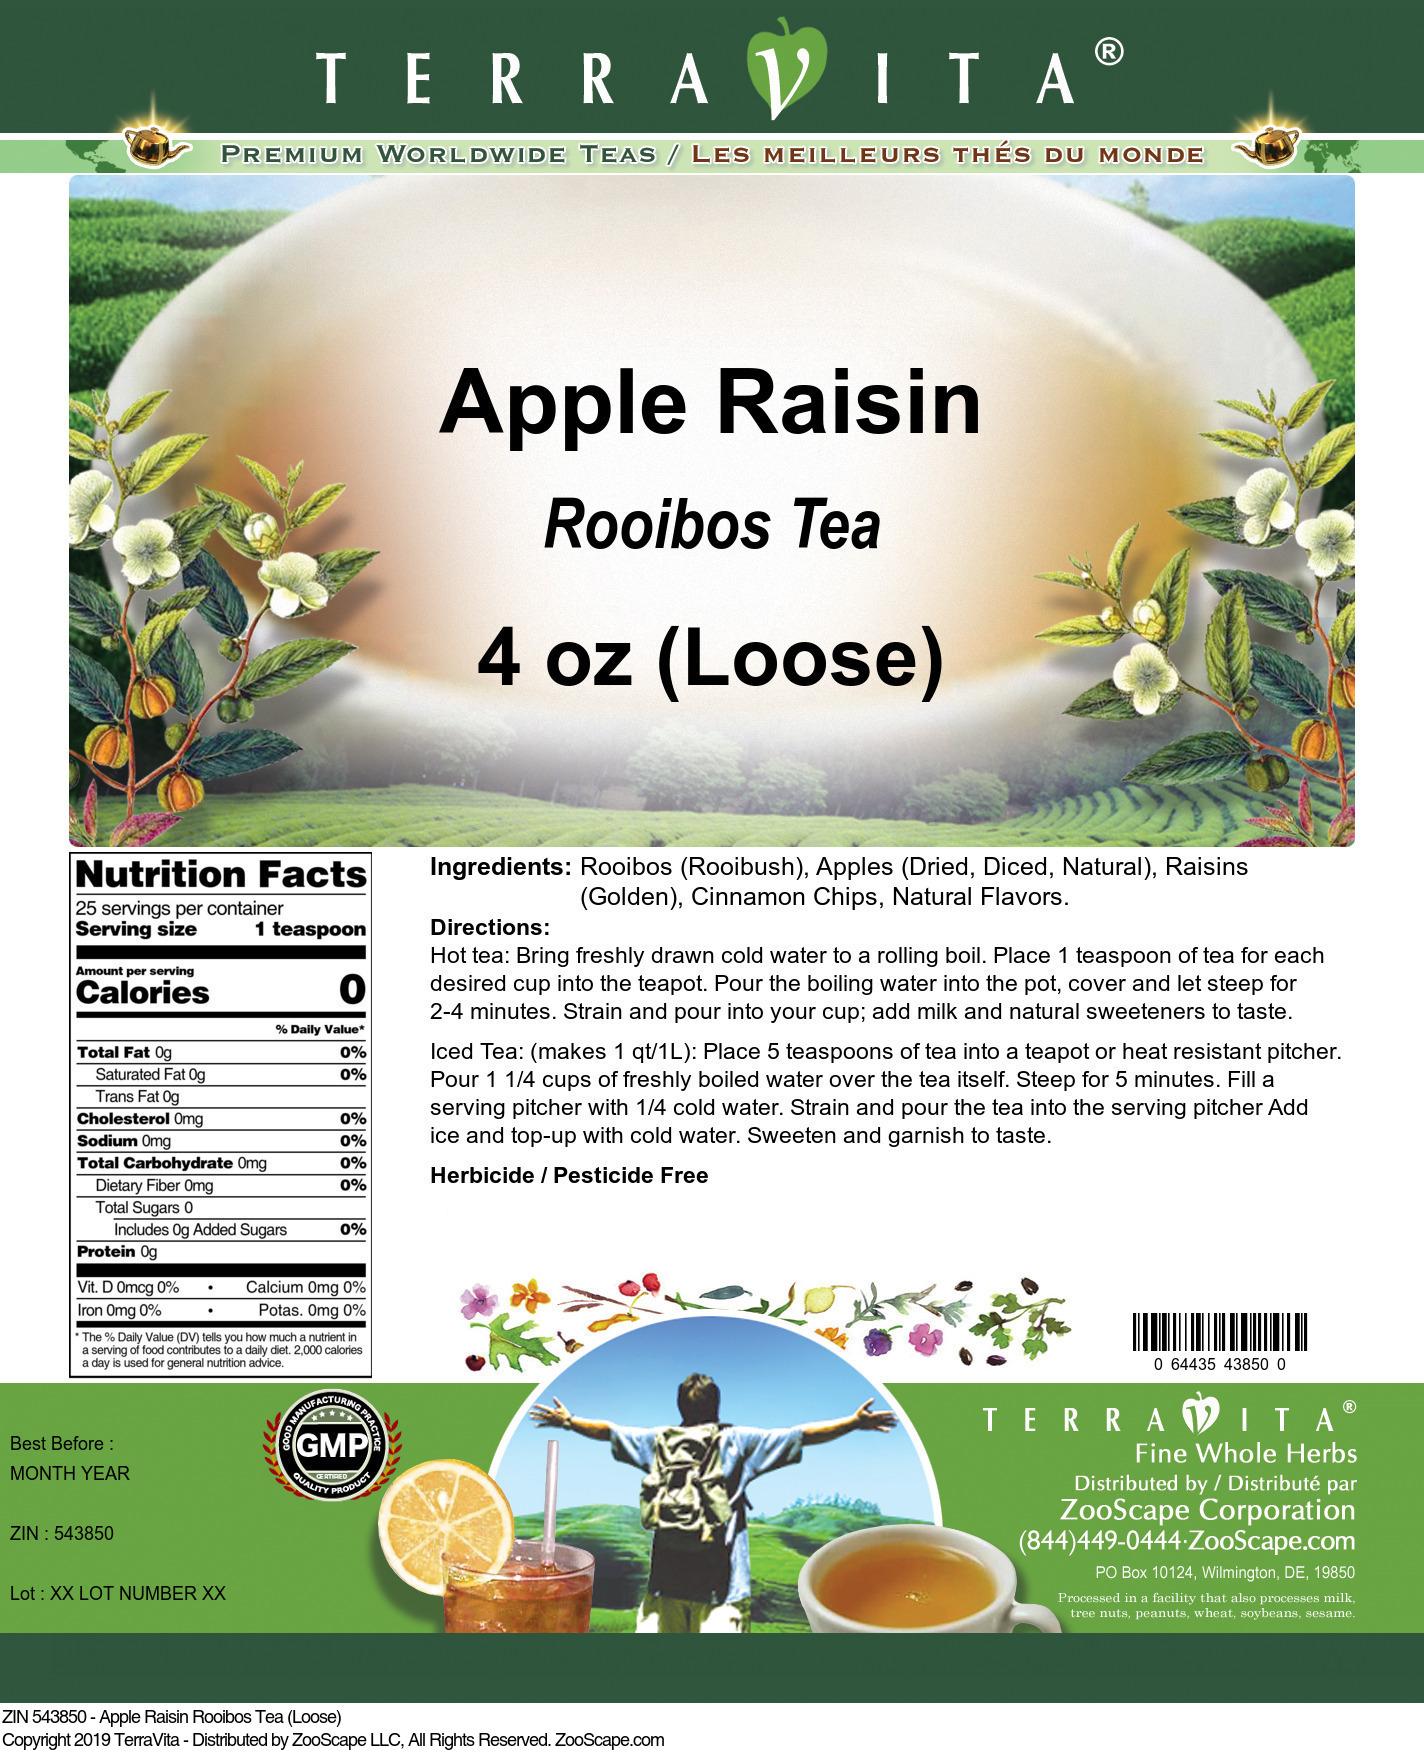 Apple Raisin Rooibos Tea